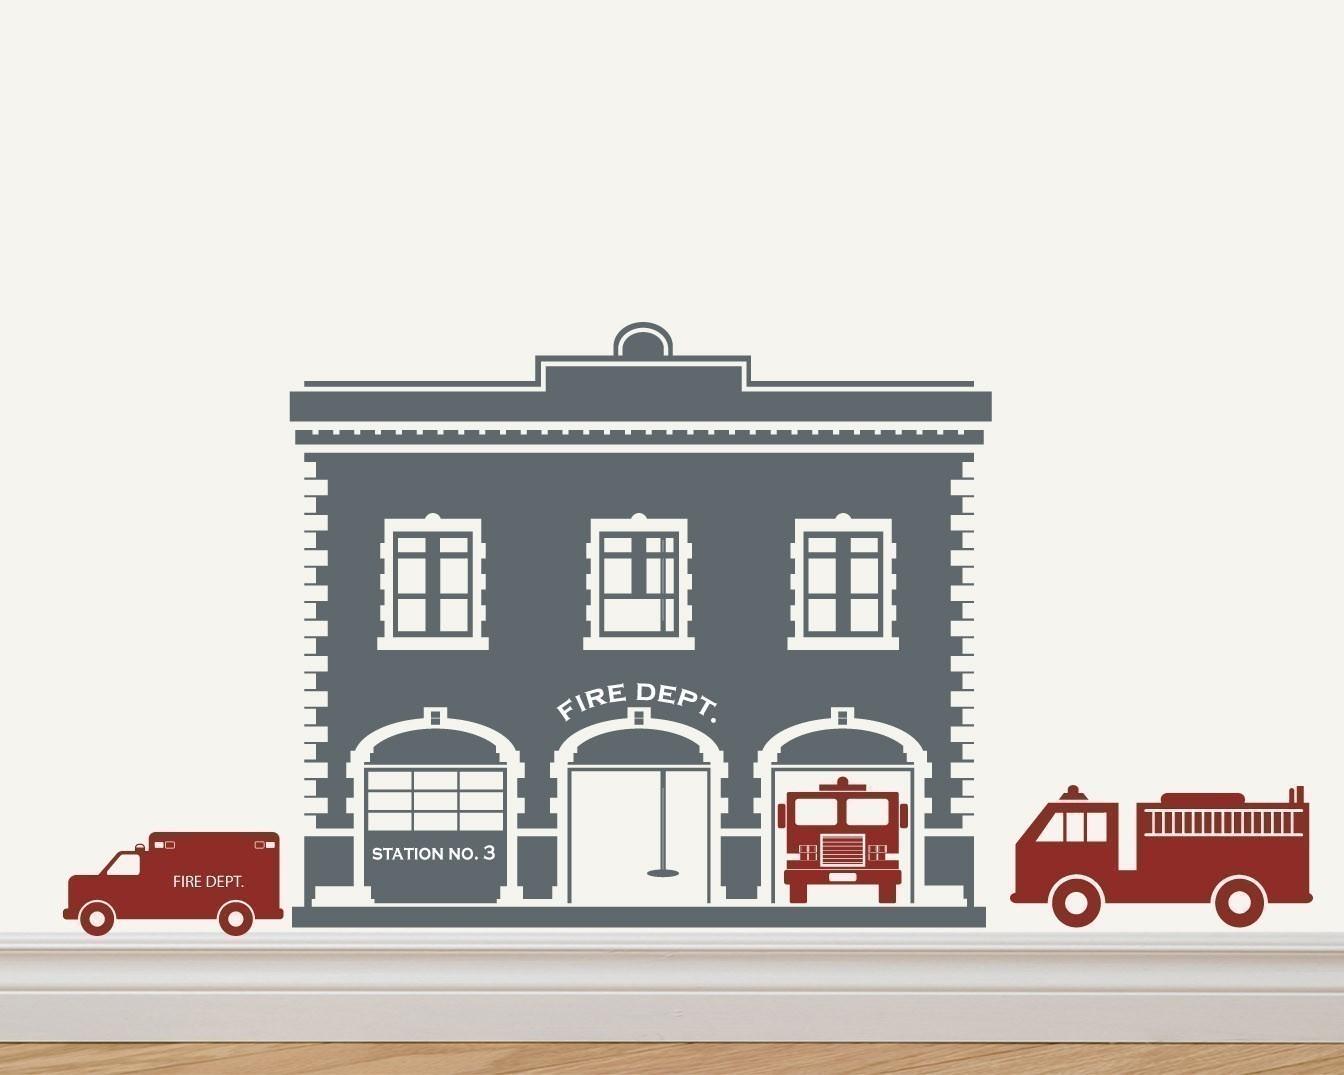 Fire Truck clipart house fire #2